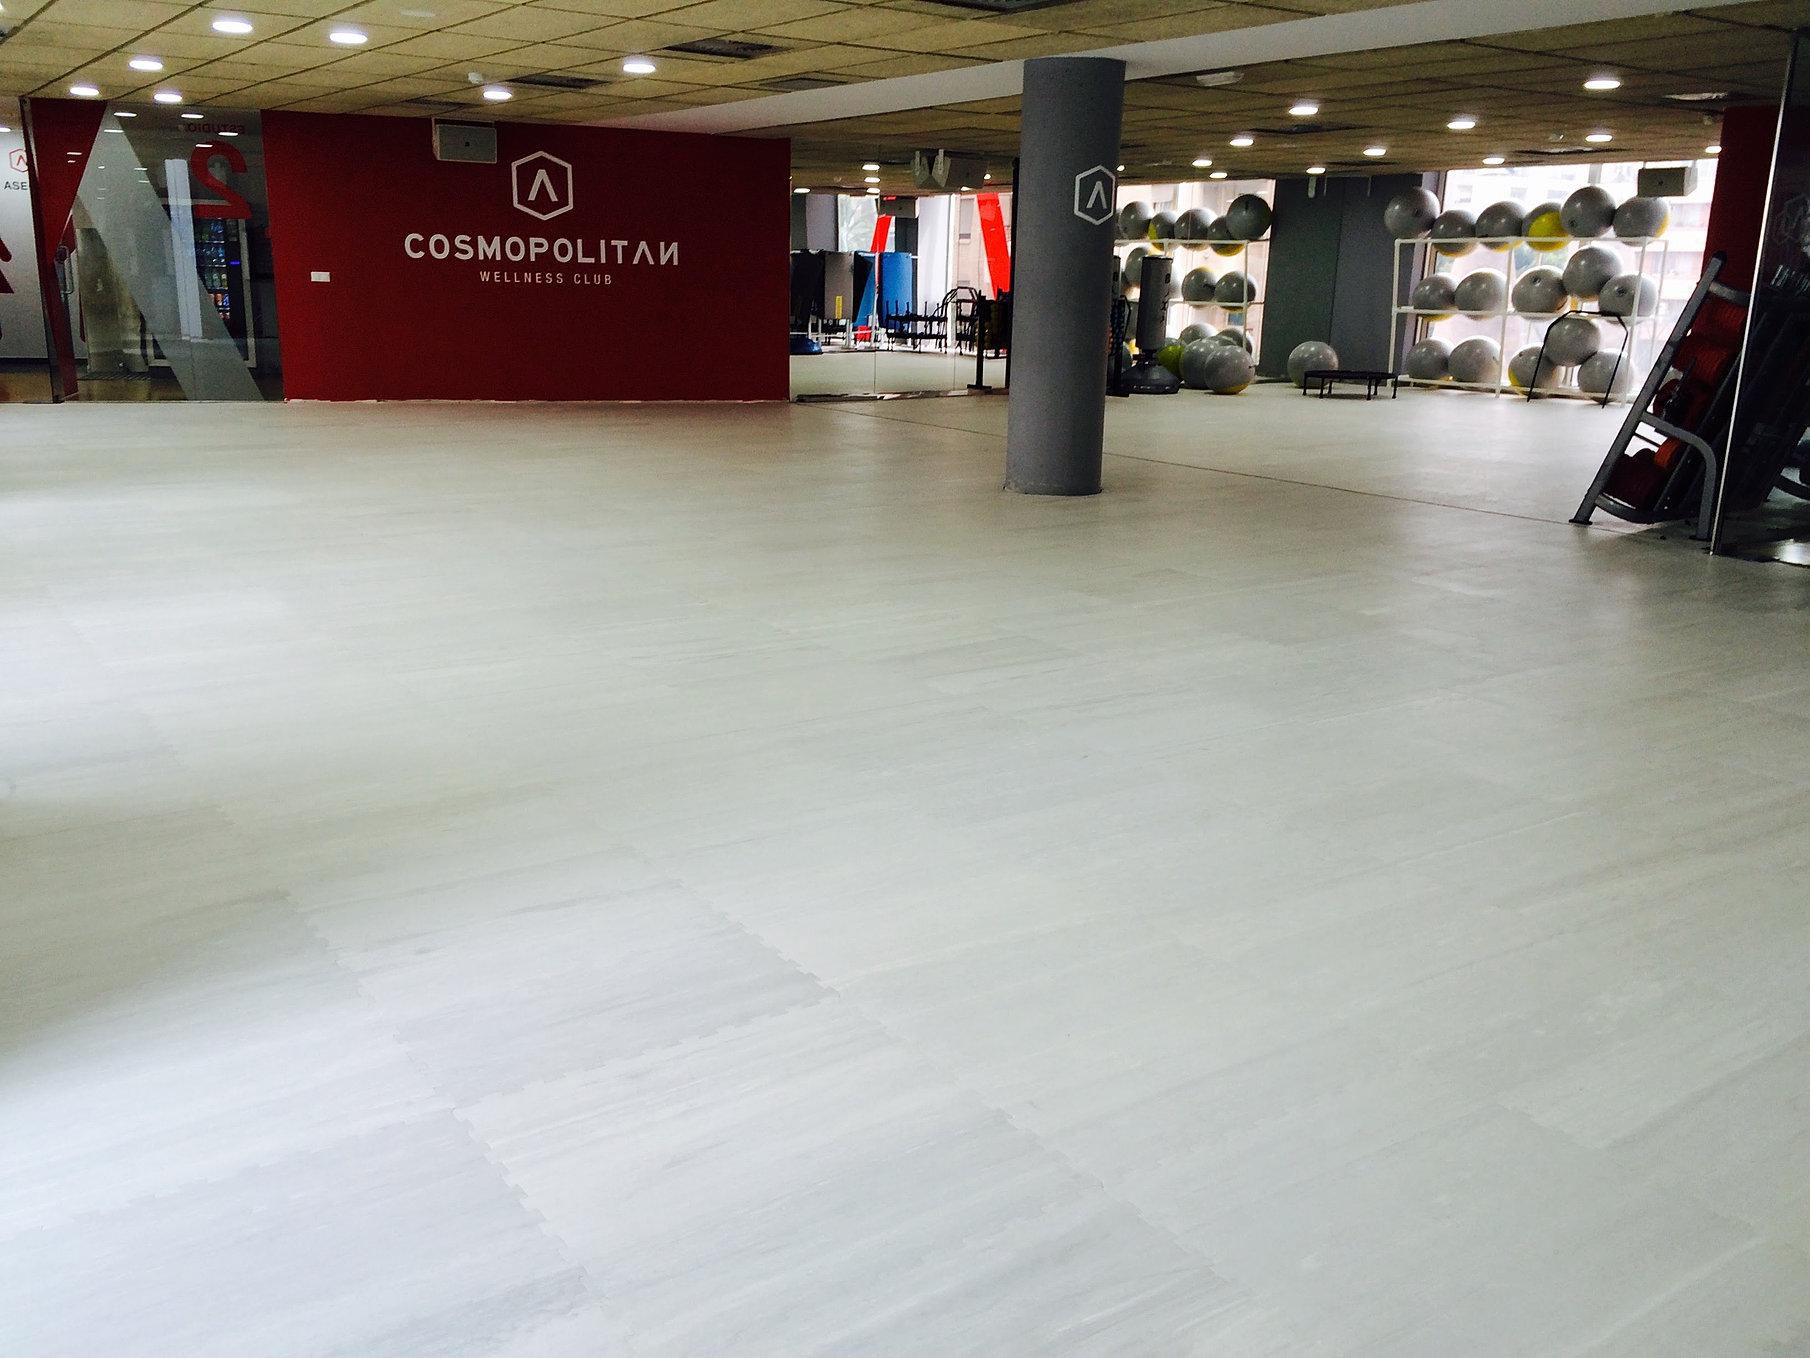 Pavimento suelo gimnasio gym flooring - Suelo gimnasio ...